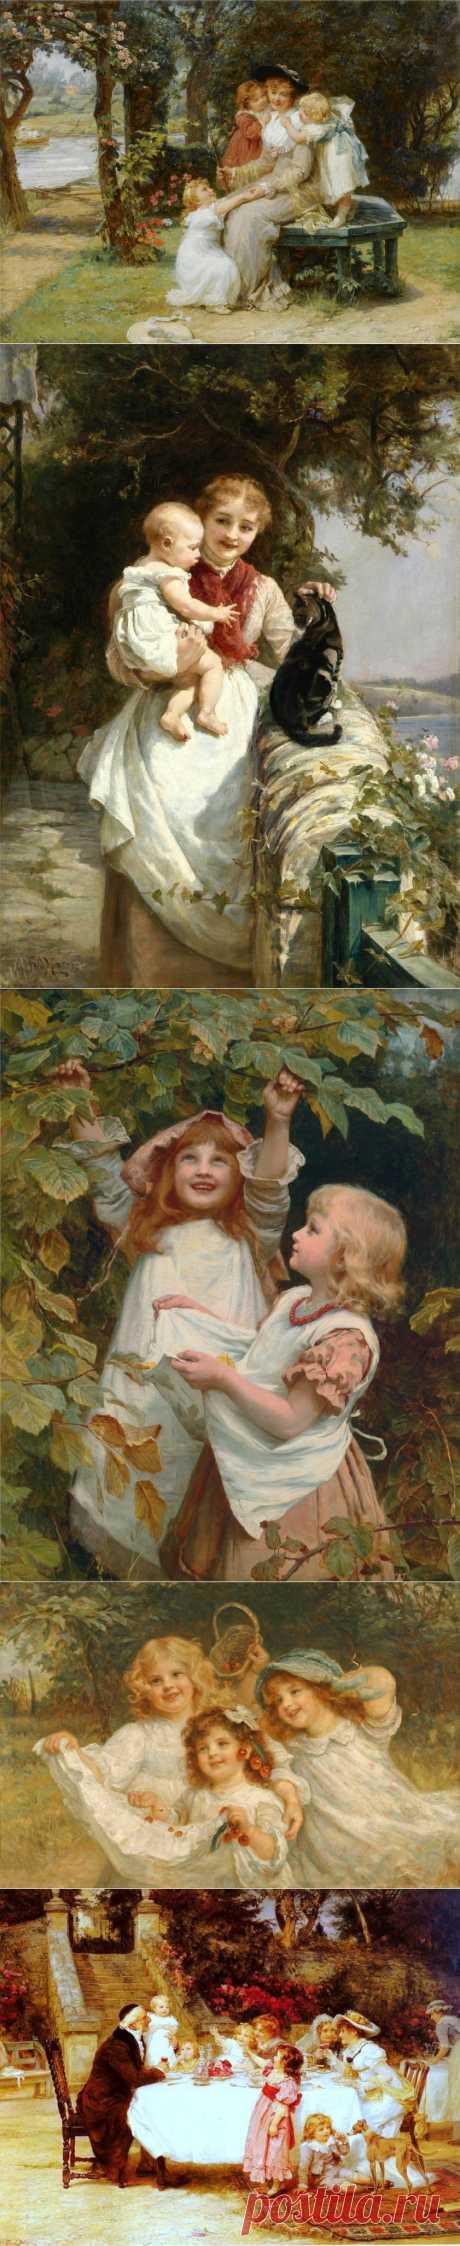 Детская страничка...жанровое,викторианское | Frederick Morgan.